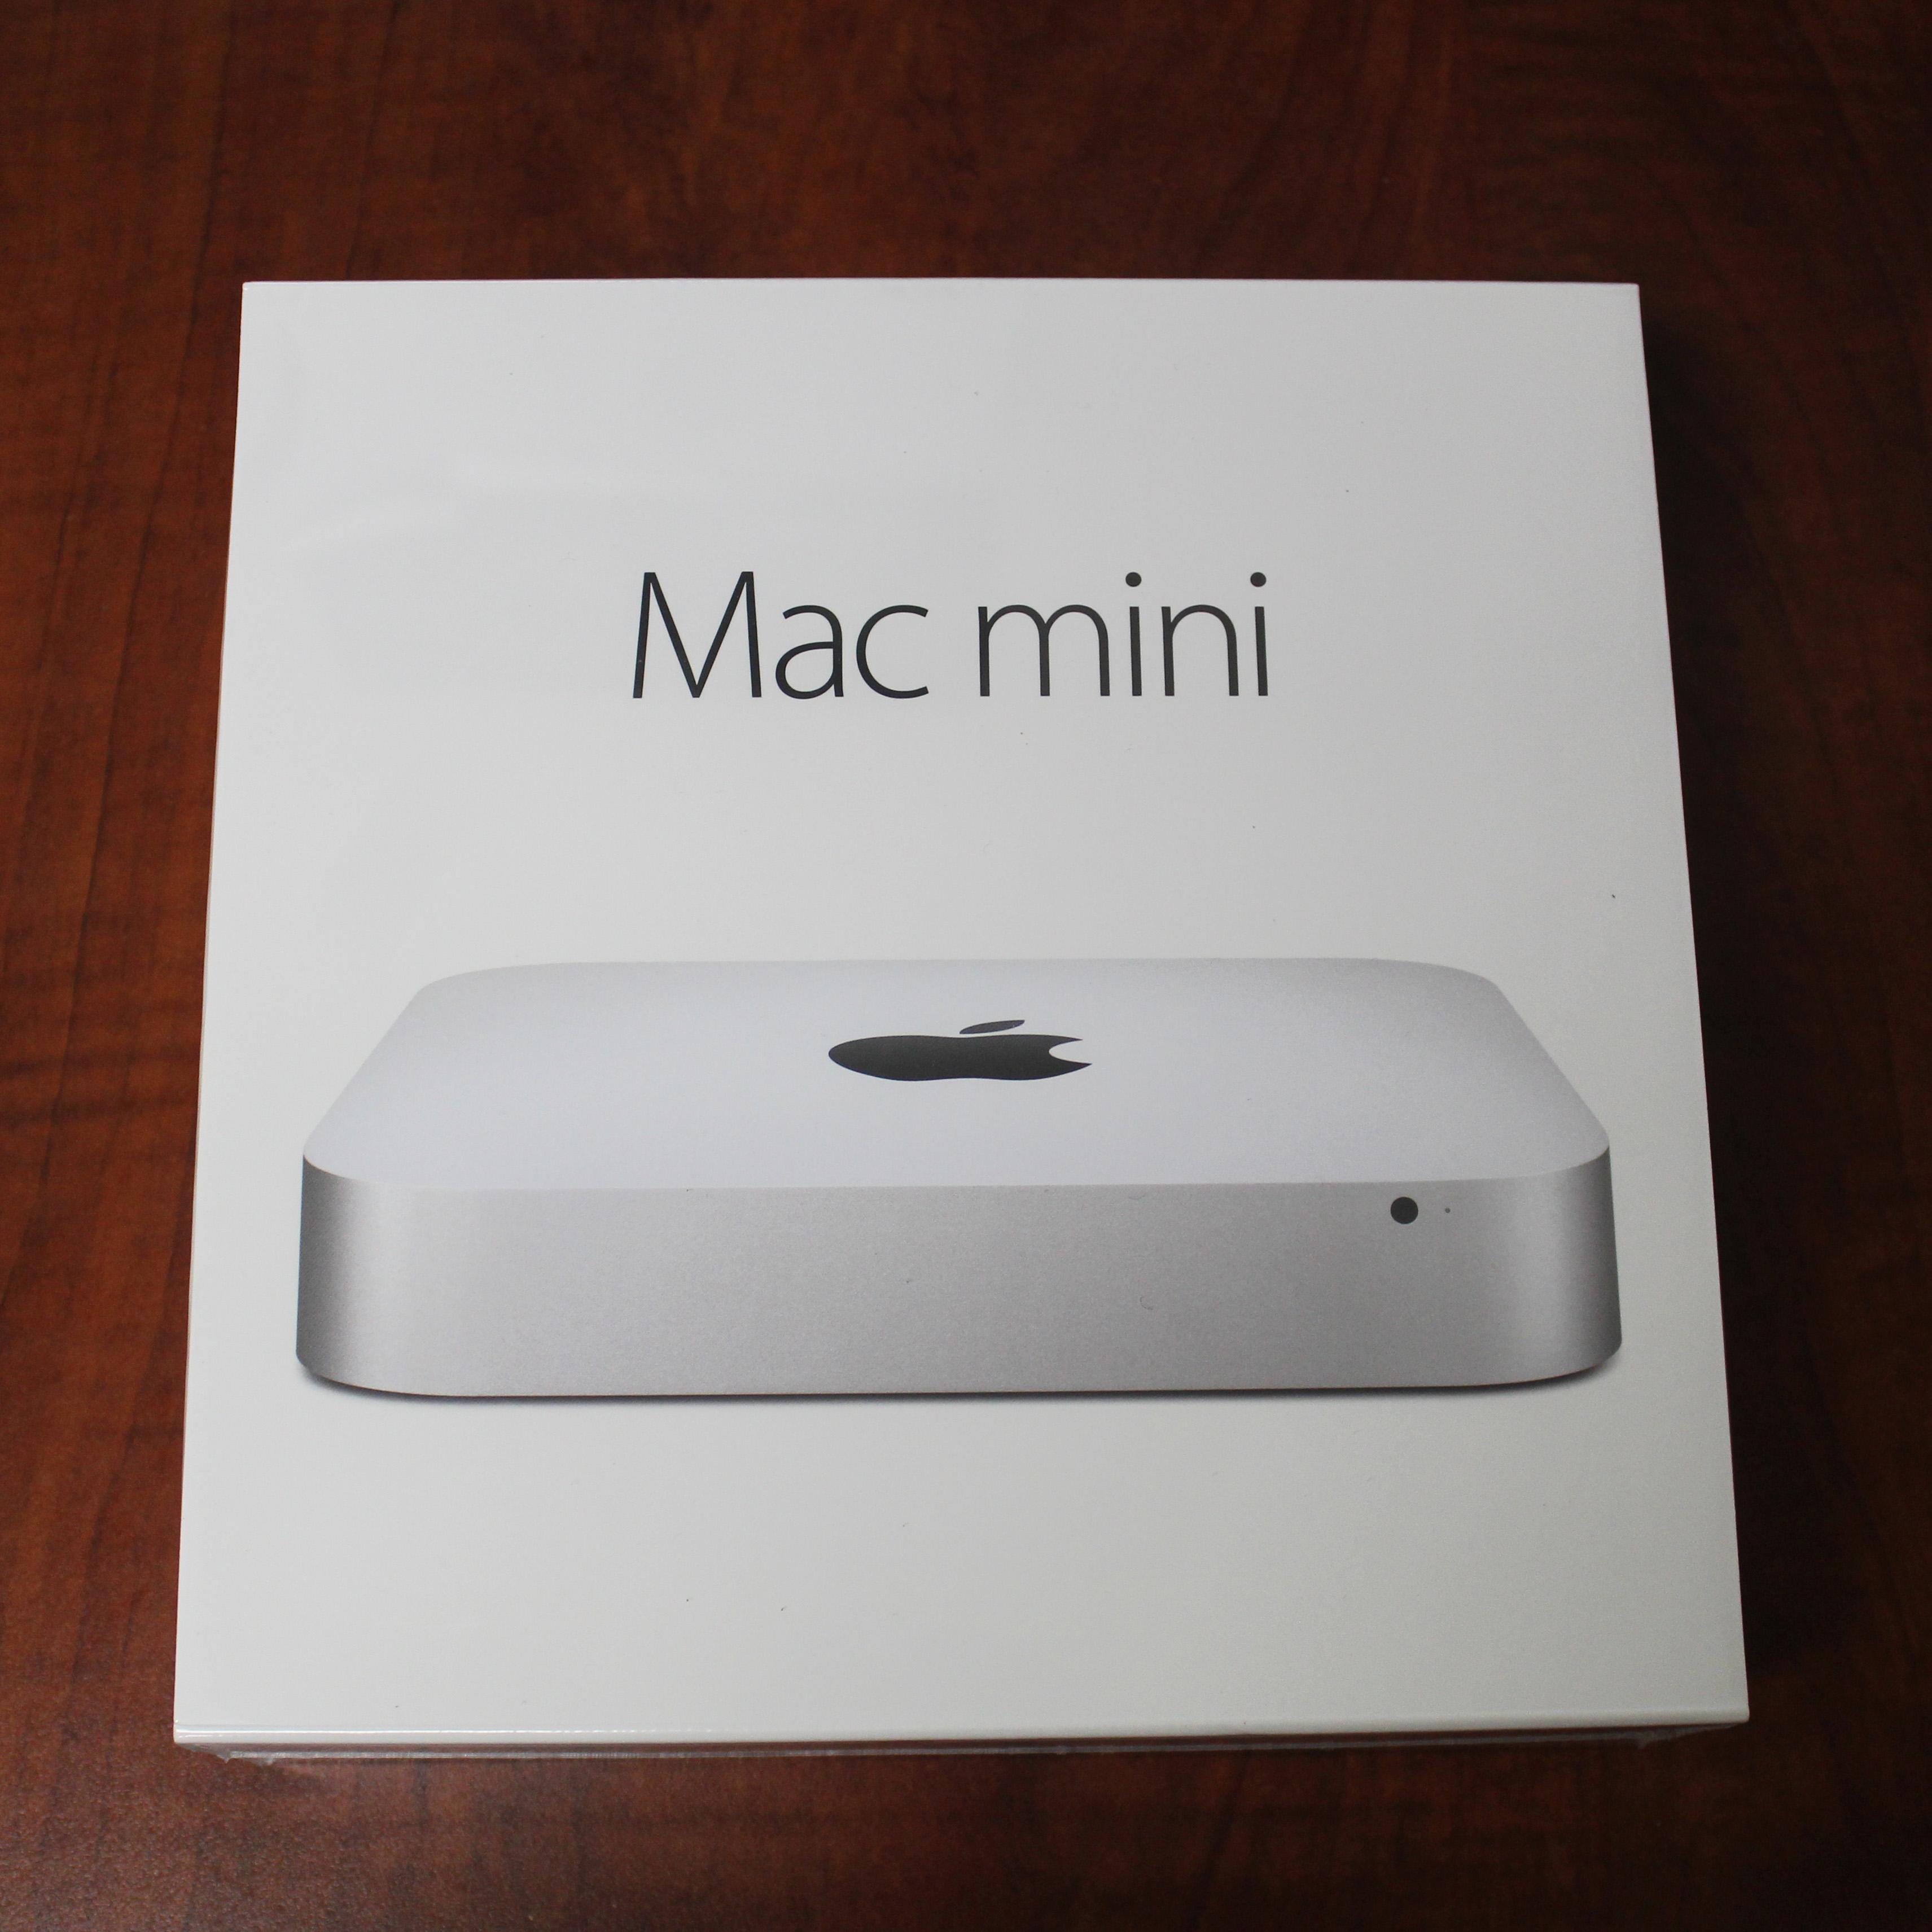 Apple Mac Mini Mgen2ll A Desktop Intel I5 4278u 26ghz 8gb 1tb Os X Mgem2 Yosemite Refurb4less